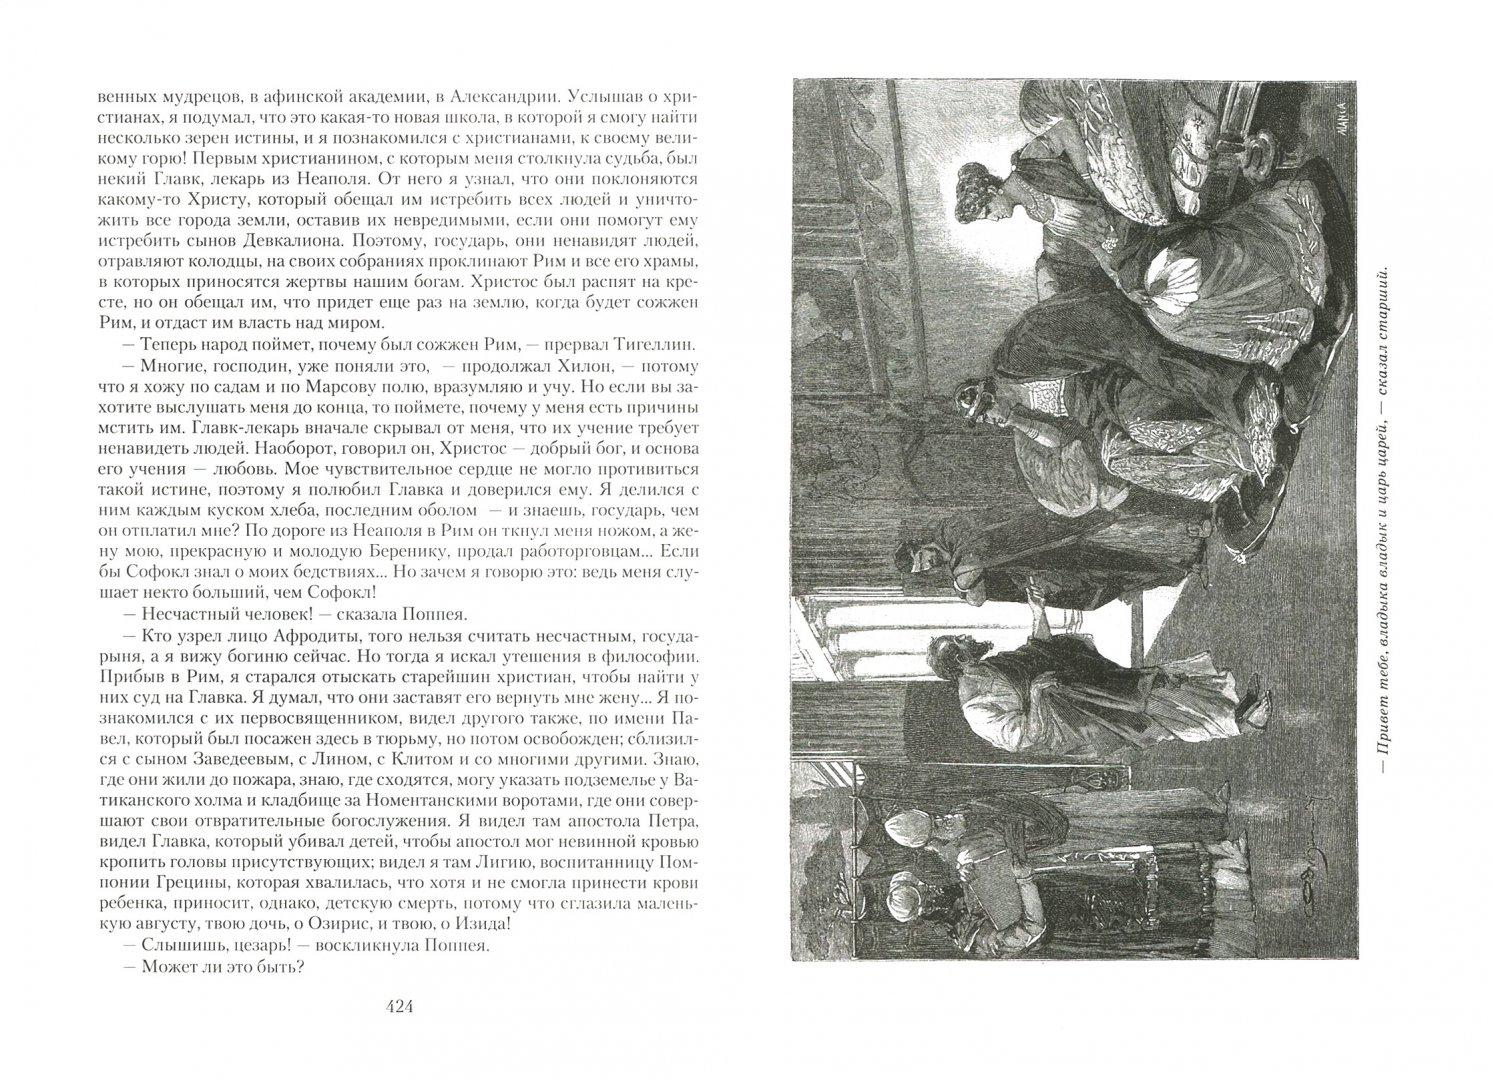 Иллюстрация 2 из 37 для Камо грядеши. Роман в 3-х частях из эпохи Нерона - Генрик Сенкевич | Лабиринт - книги. Источник: Лабиринт